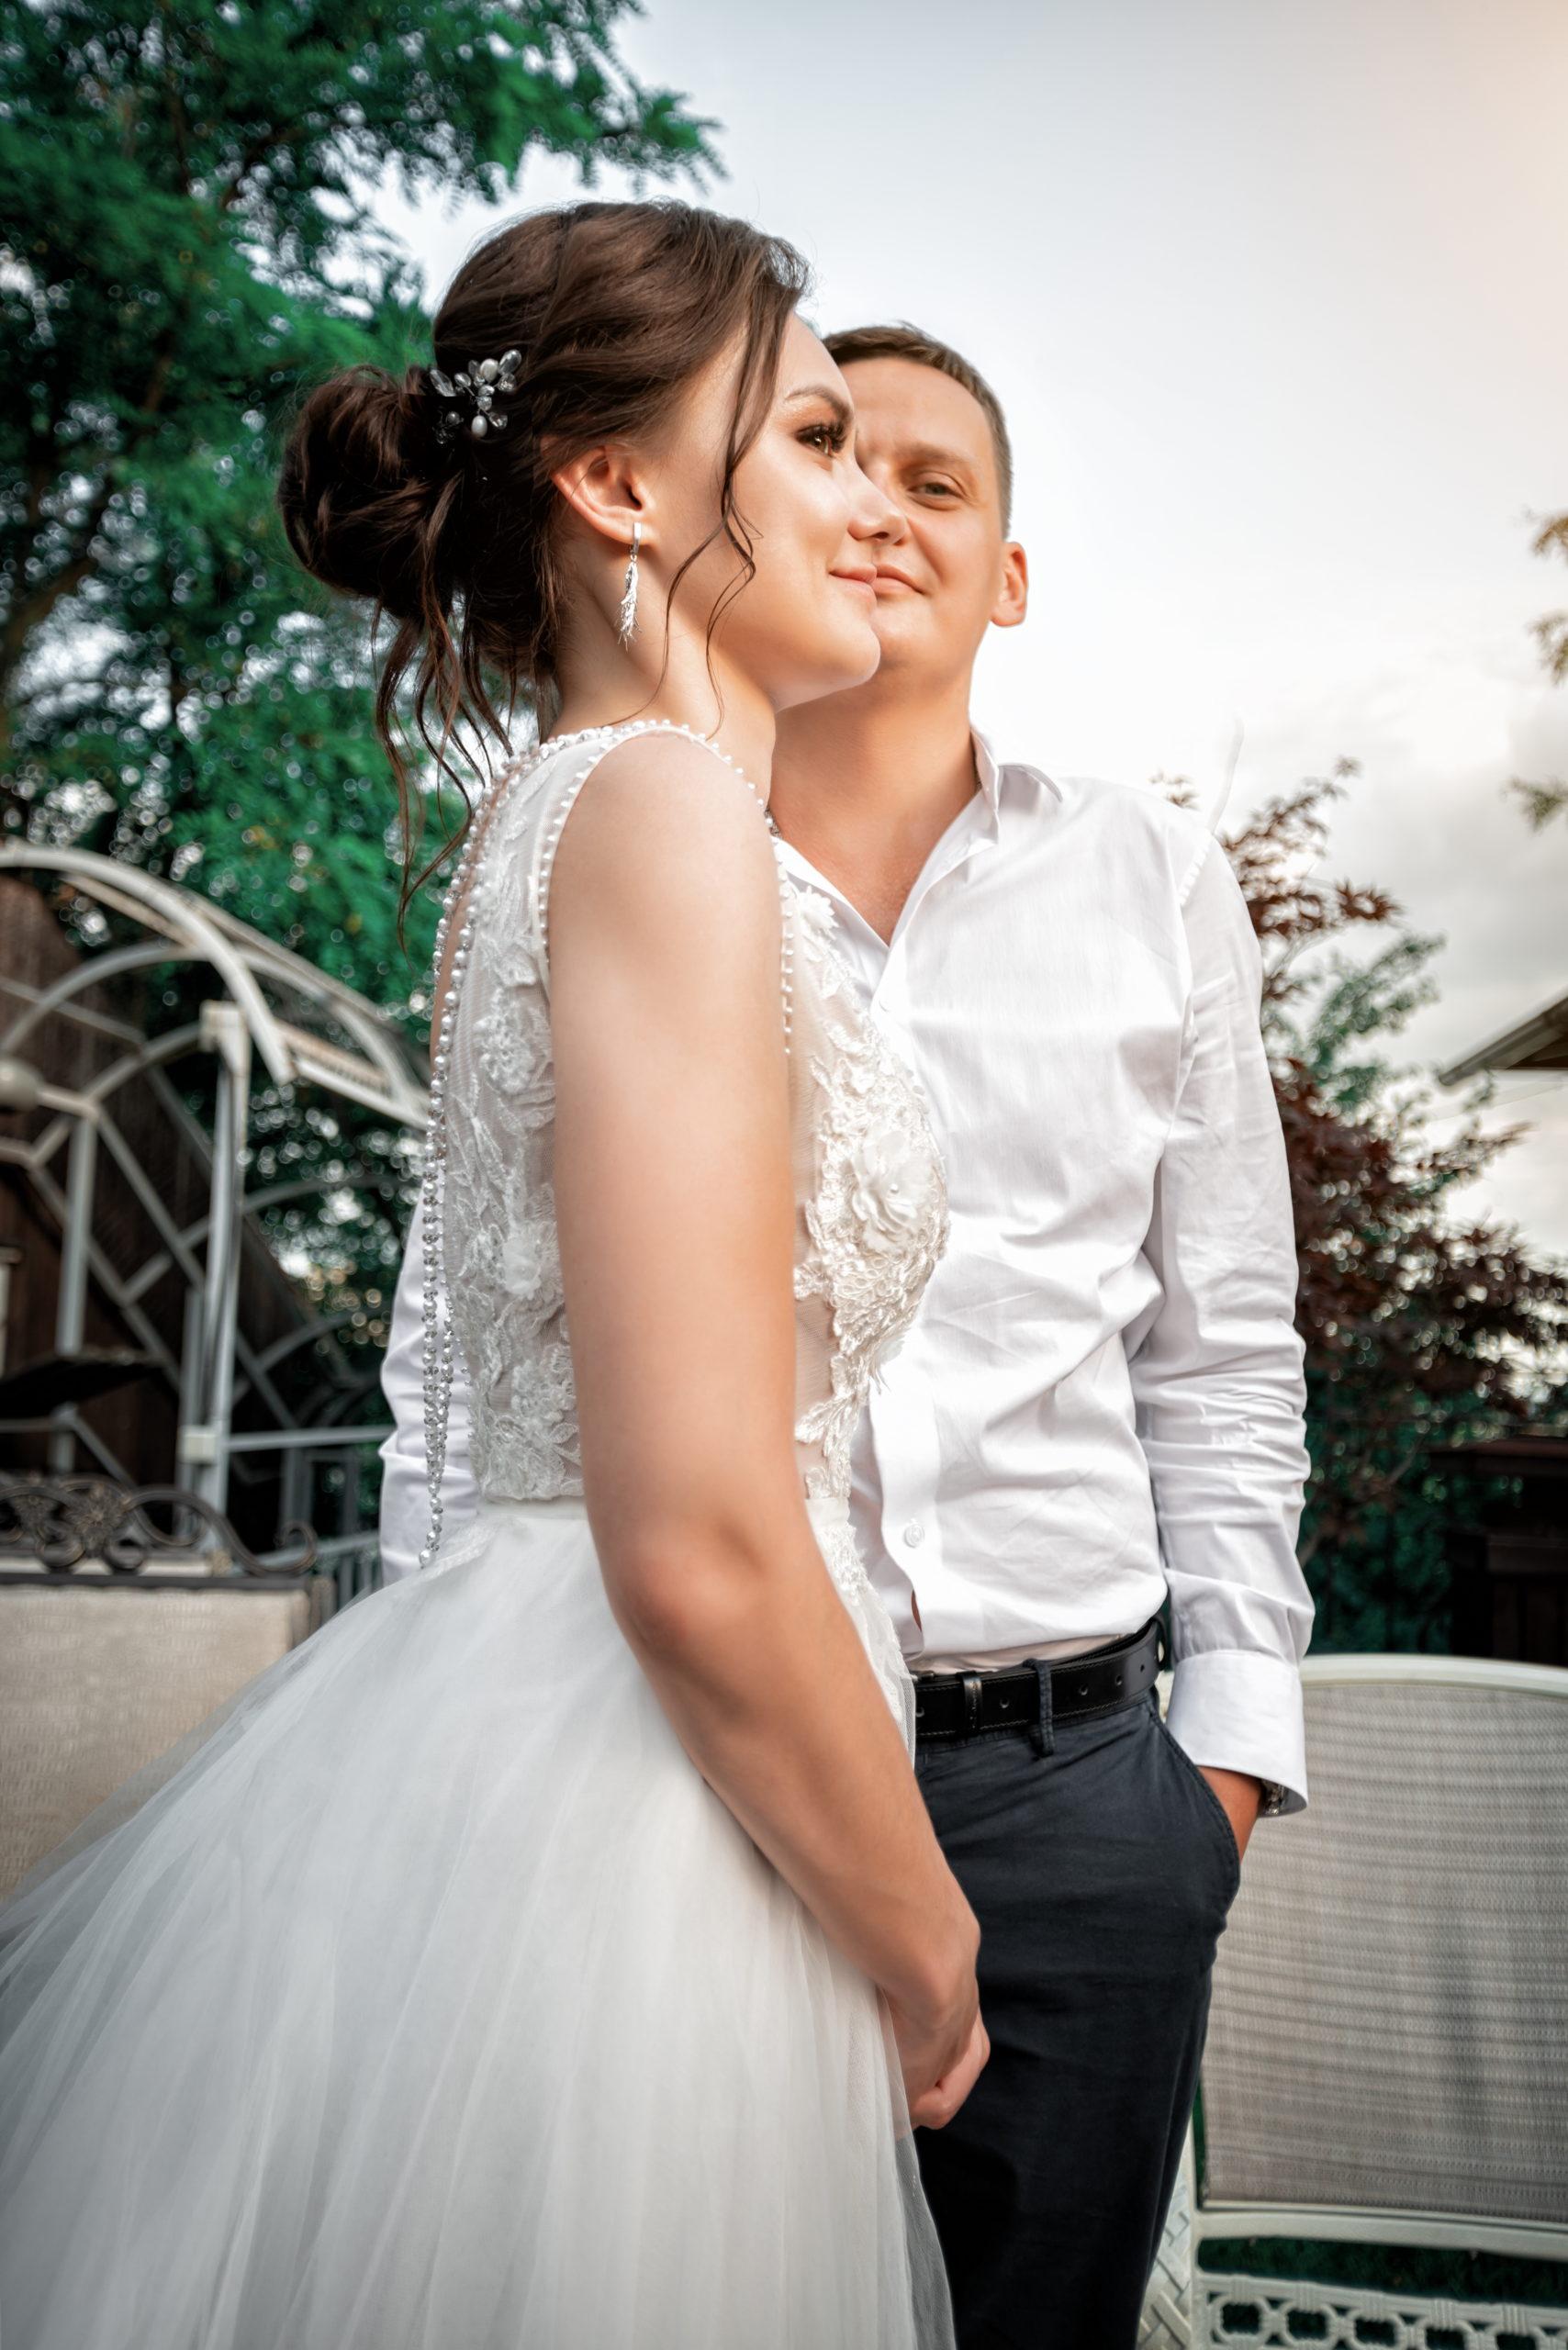 Свадебная съемка в локациях Райский берег Краснодар от Краснодарского свадебного фотографа